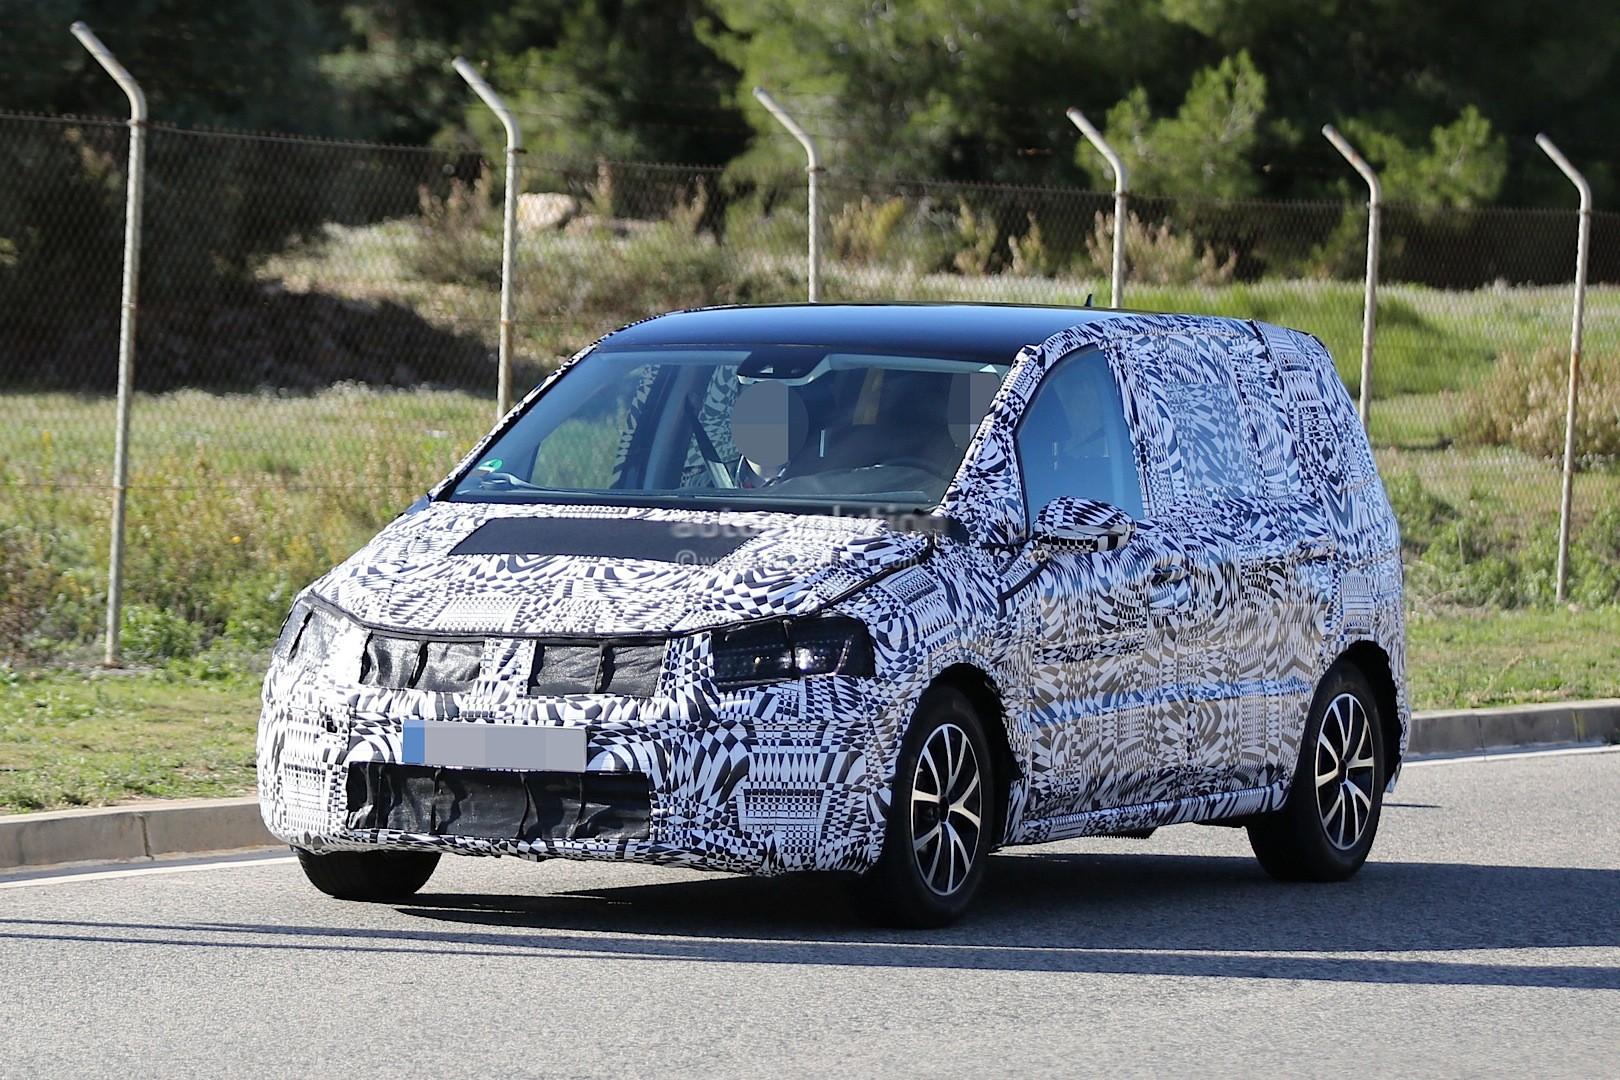 2015 - [Volkswagen] Touran - Page 3 Spyshots-new-volkswagen-touran-seen-testing-in-souther-europe_8